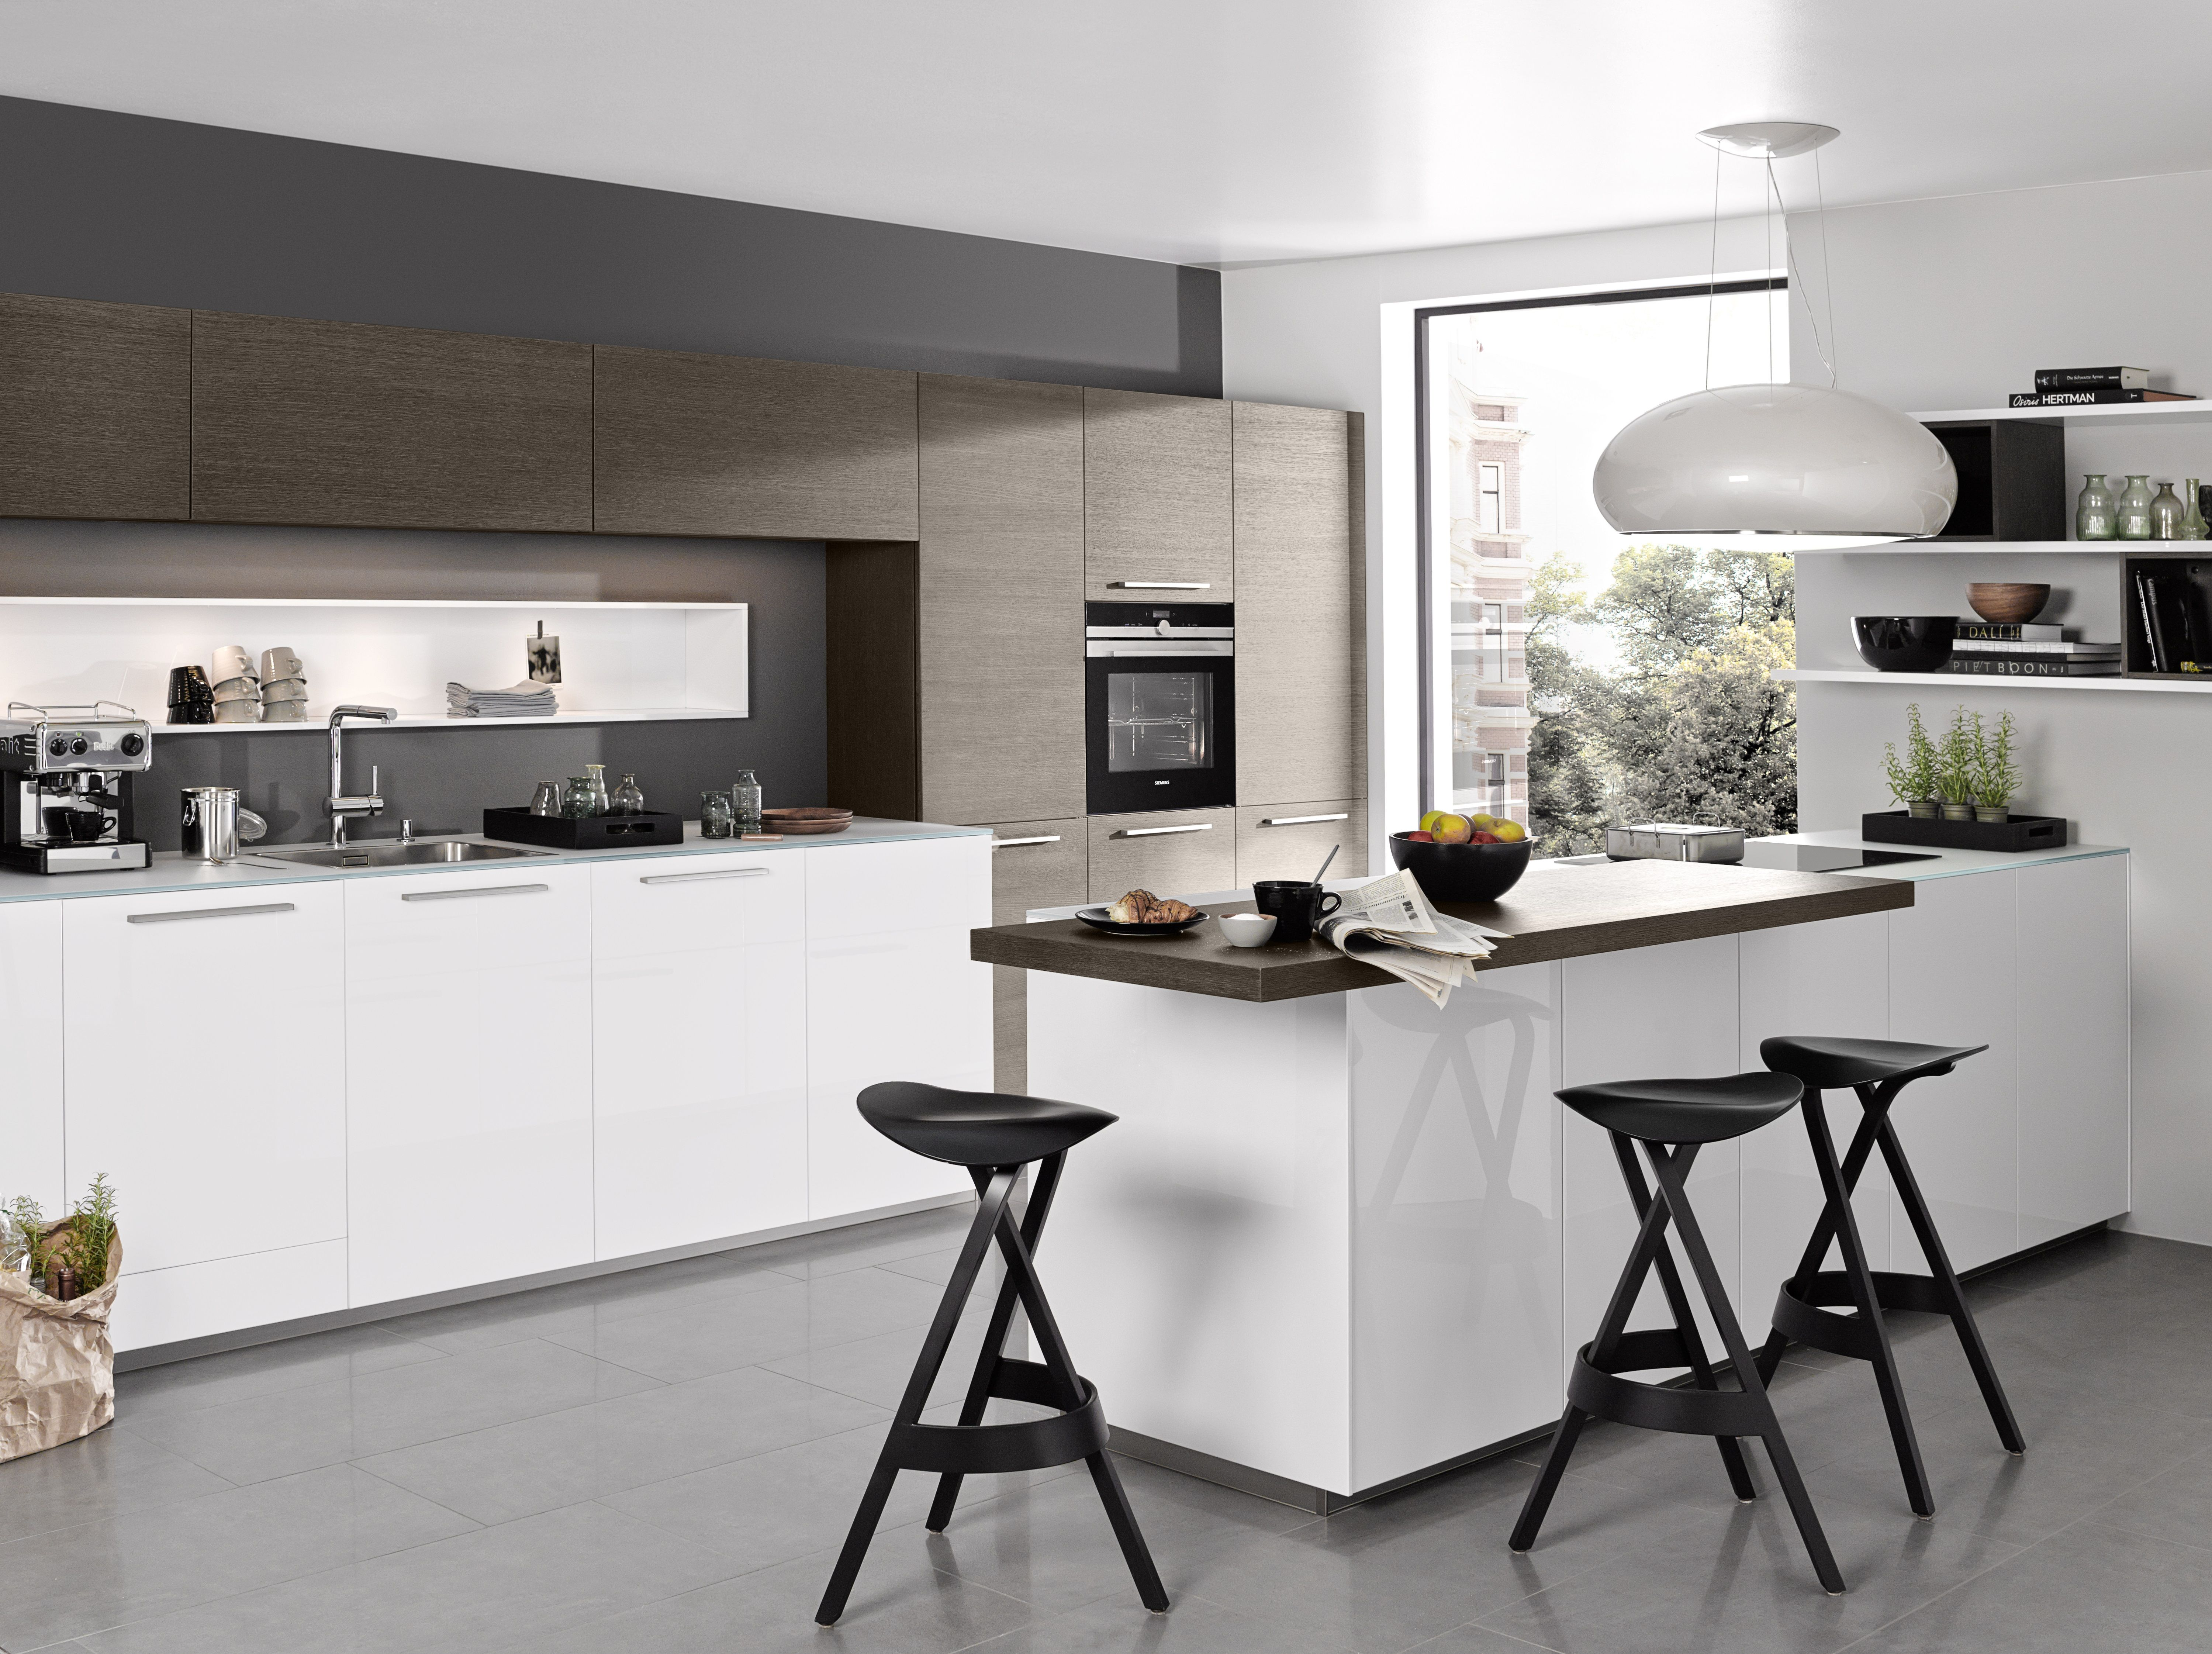 Nova Lack kitchen inspiration ideas modern